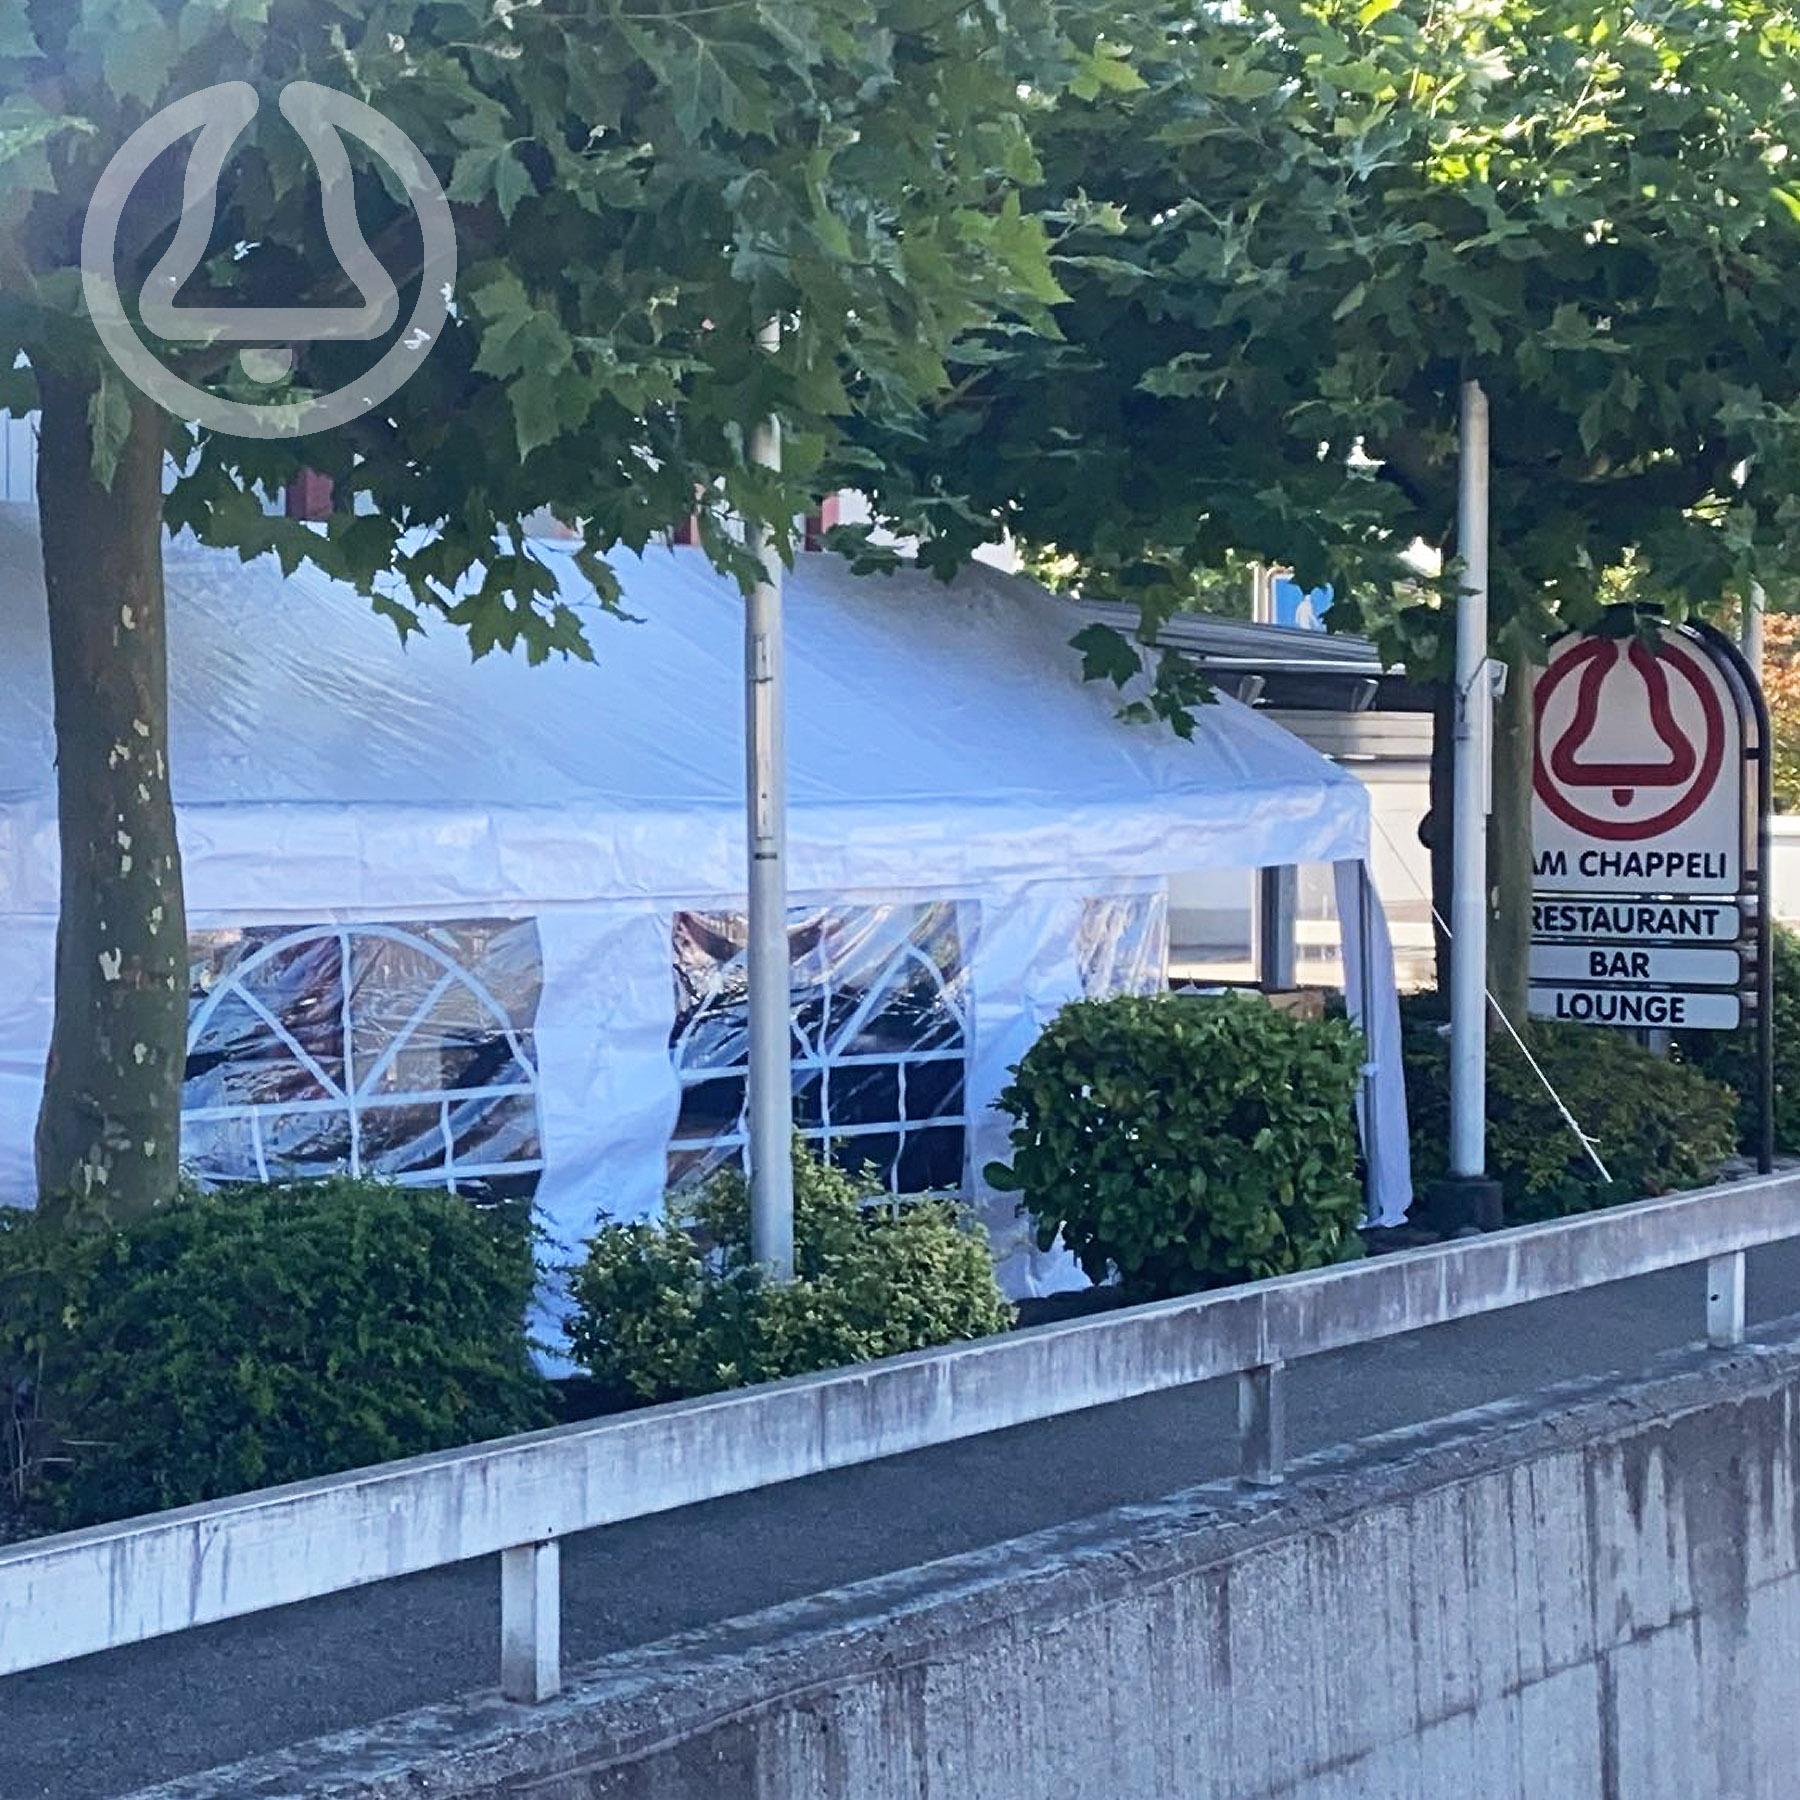 Restaurant am Chappeli - Zelt vor dem Restaurant